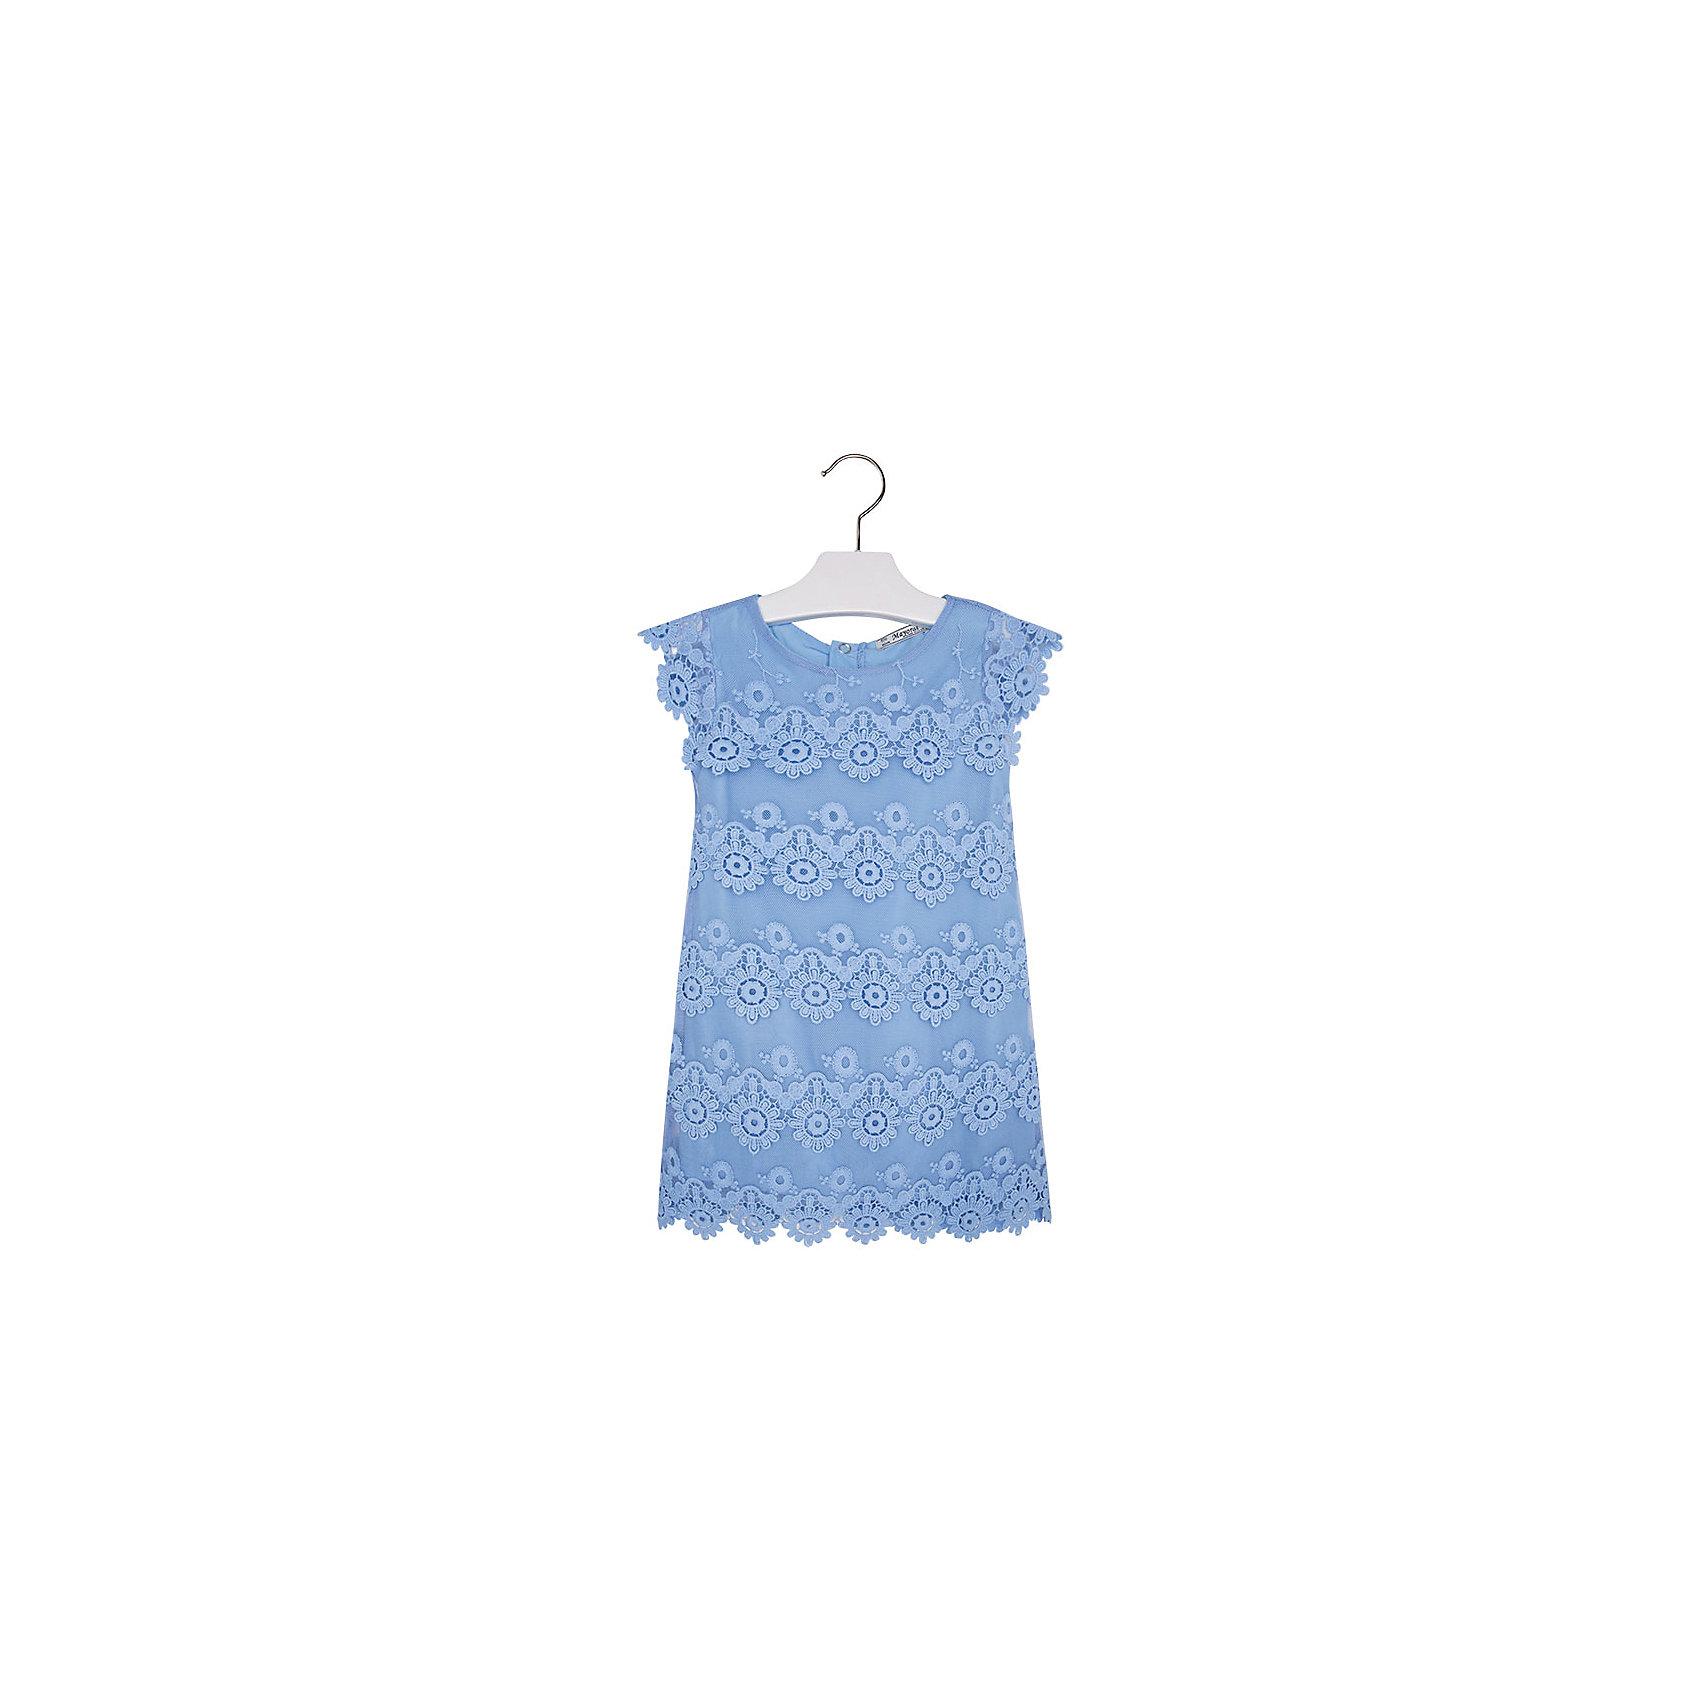 Платье для девочки MayoralПлатье для девочки от известной испанской марки Mayoral <br><br>Очень красивое платье от Mayoral - беспроигрышный вариант на любой праздник! Выглядит нарядно и оригинально. Модель выполнена из качественных материалов, отлично сидит по фигуре.<br><br>Особенности модели:<br><br>- цвет: голубой;<br>- сверху - гипюр;<br>- есть подкладка;<br>- сзади молния.<br><br>Дополнительная информация:<br><br>Состав: 100% полиэстер<br><br>Платье для девочки Mayoral (Майорал) можно купить в нашем магазине.<br><br>Ширина мм: 236<br>Глубина мм: 16<br>Высота мм: 184<br>Вес г: 177<br>Цвет: голубой<br>Возраст от месяцев: 18<br>Возраст до месяцев: 24<br>Пол: Женский<br>Возраст: Детский<br>Размер: 92,98,104,110,122,128,116,134<br>SKU: 4543101